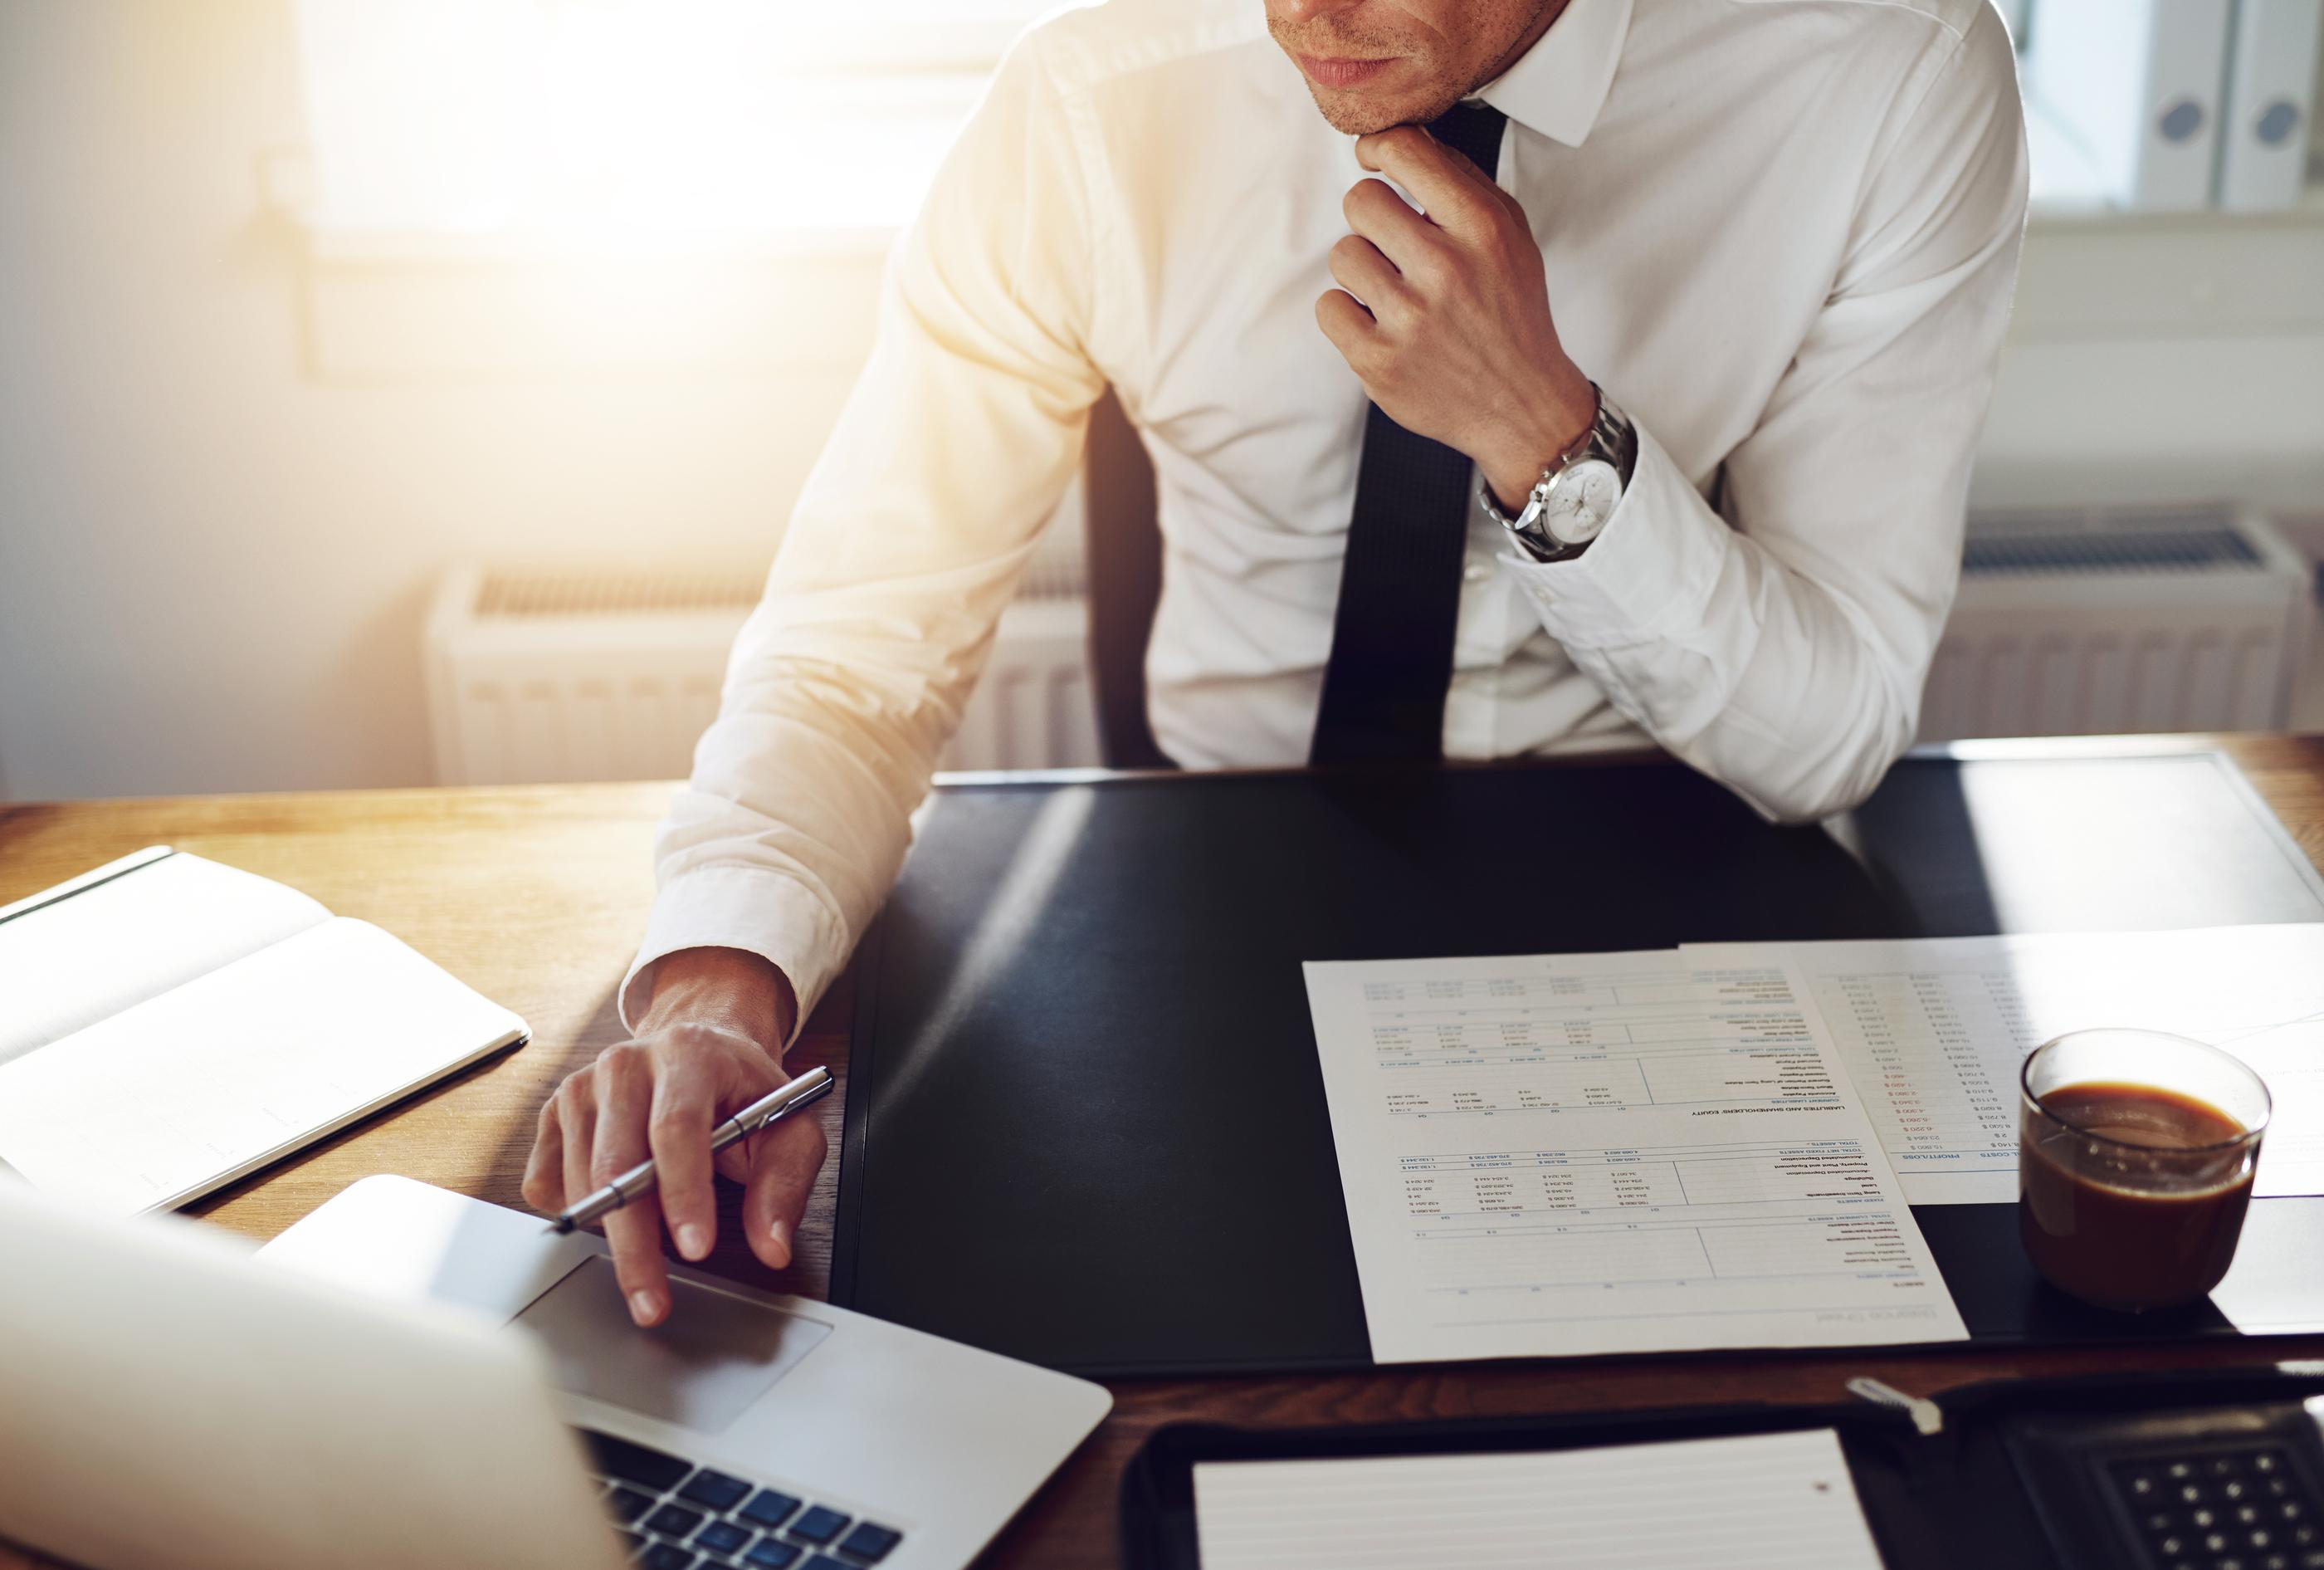 длинные фото парень за столом в офисе практике применяются